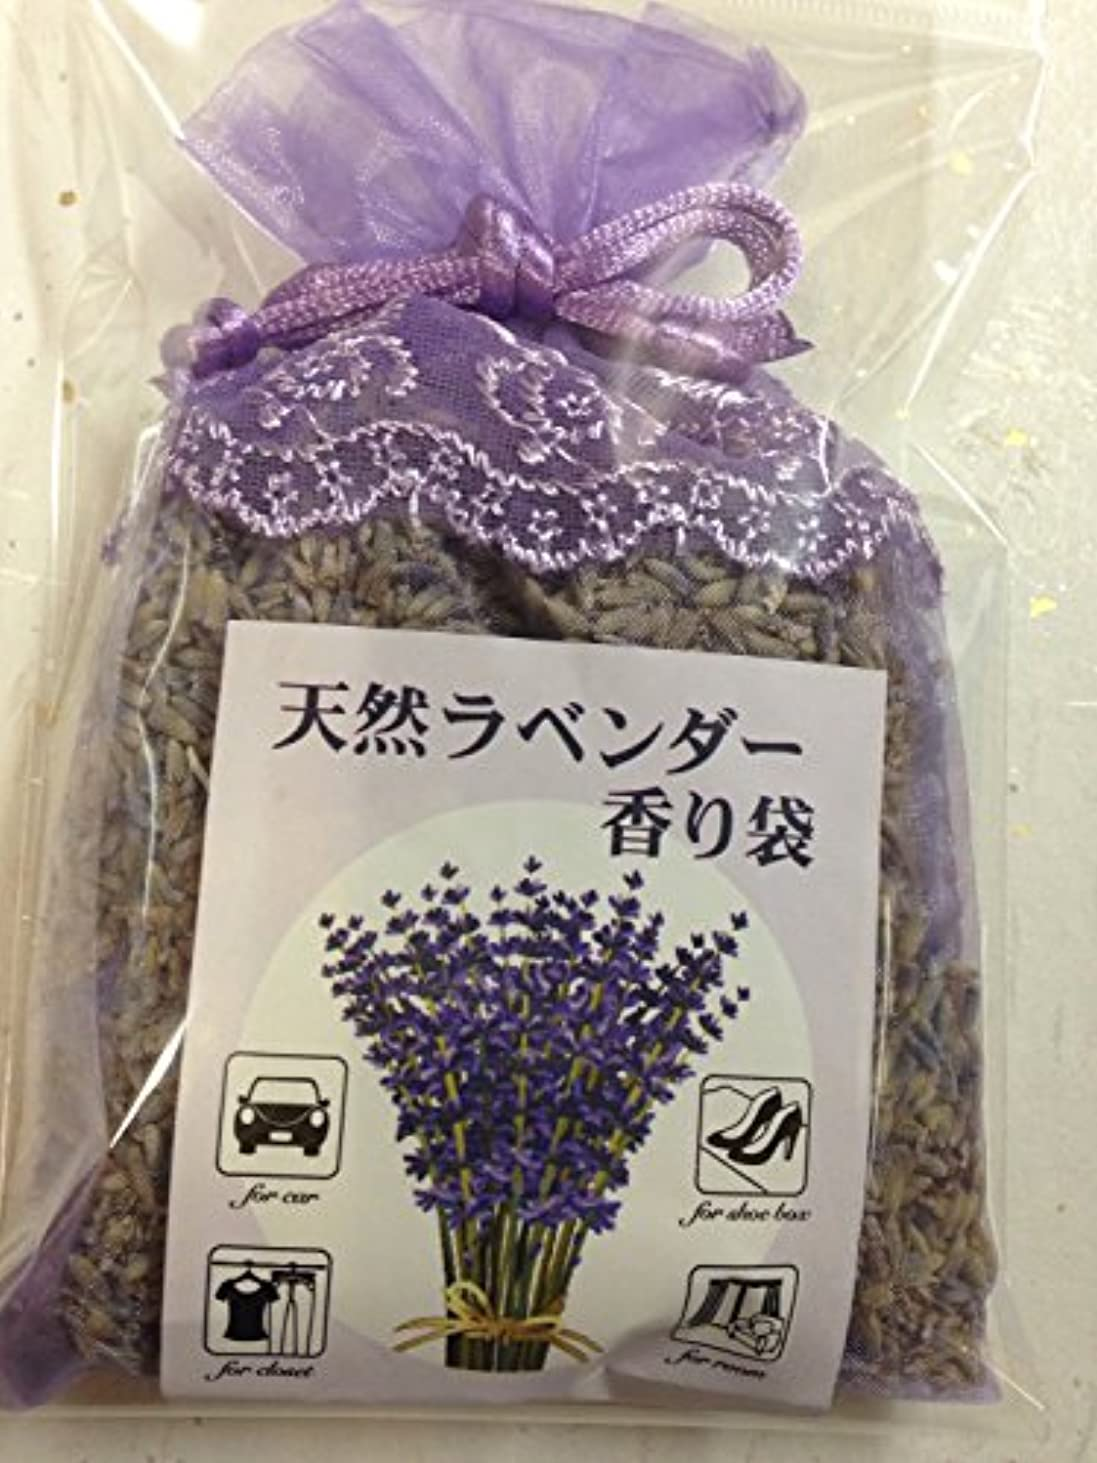 ピンク薬剤師息苦しい◆天然ラベンダー?ポプリ香り袋 巾着<小>◆Aroma Lavender /Hokkaido